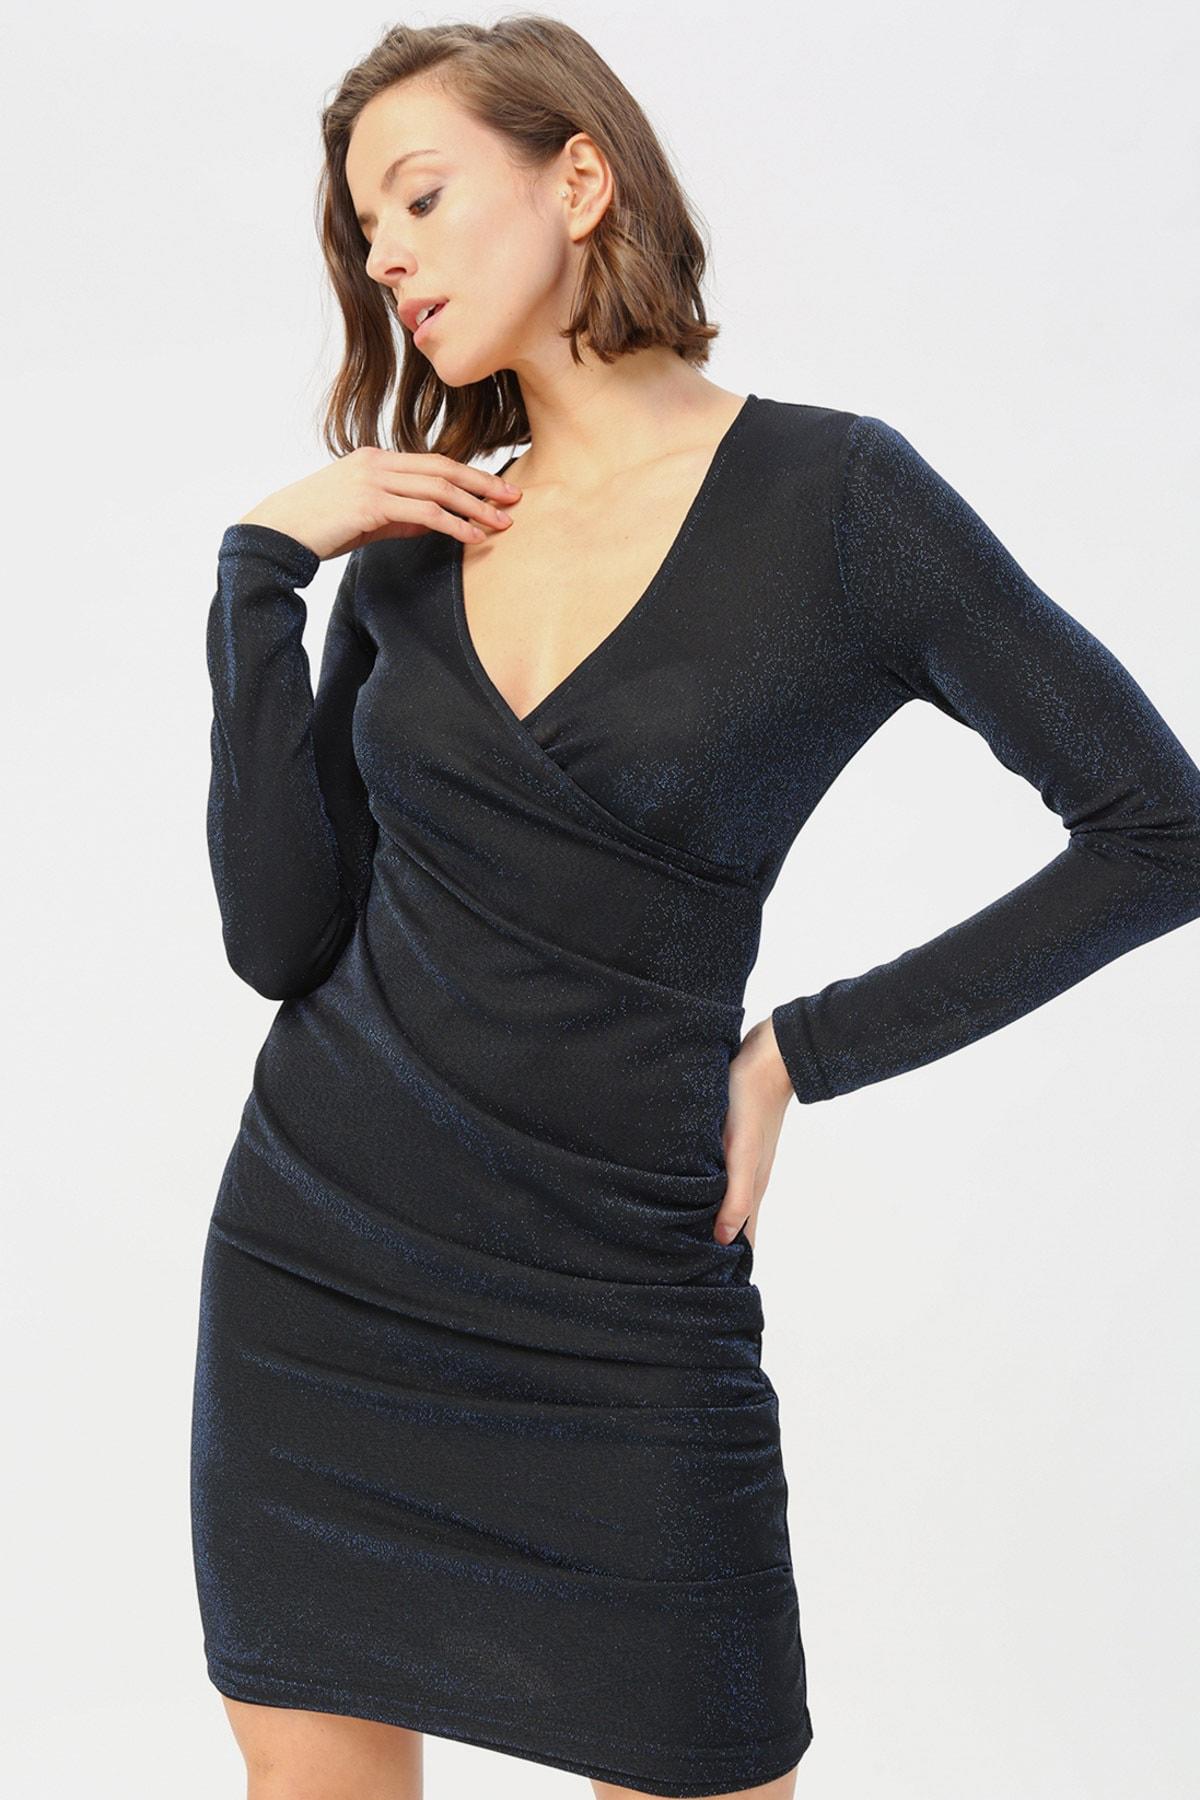 Vero Moda Kadın Mavi Parıltılı Kruvaze Yaka Elbise MDENISE 1